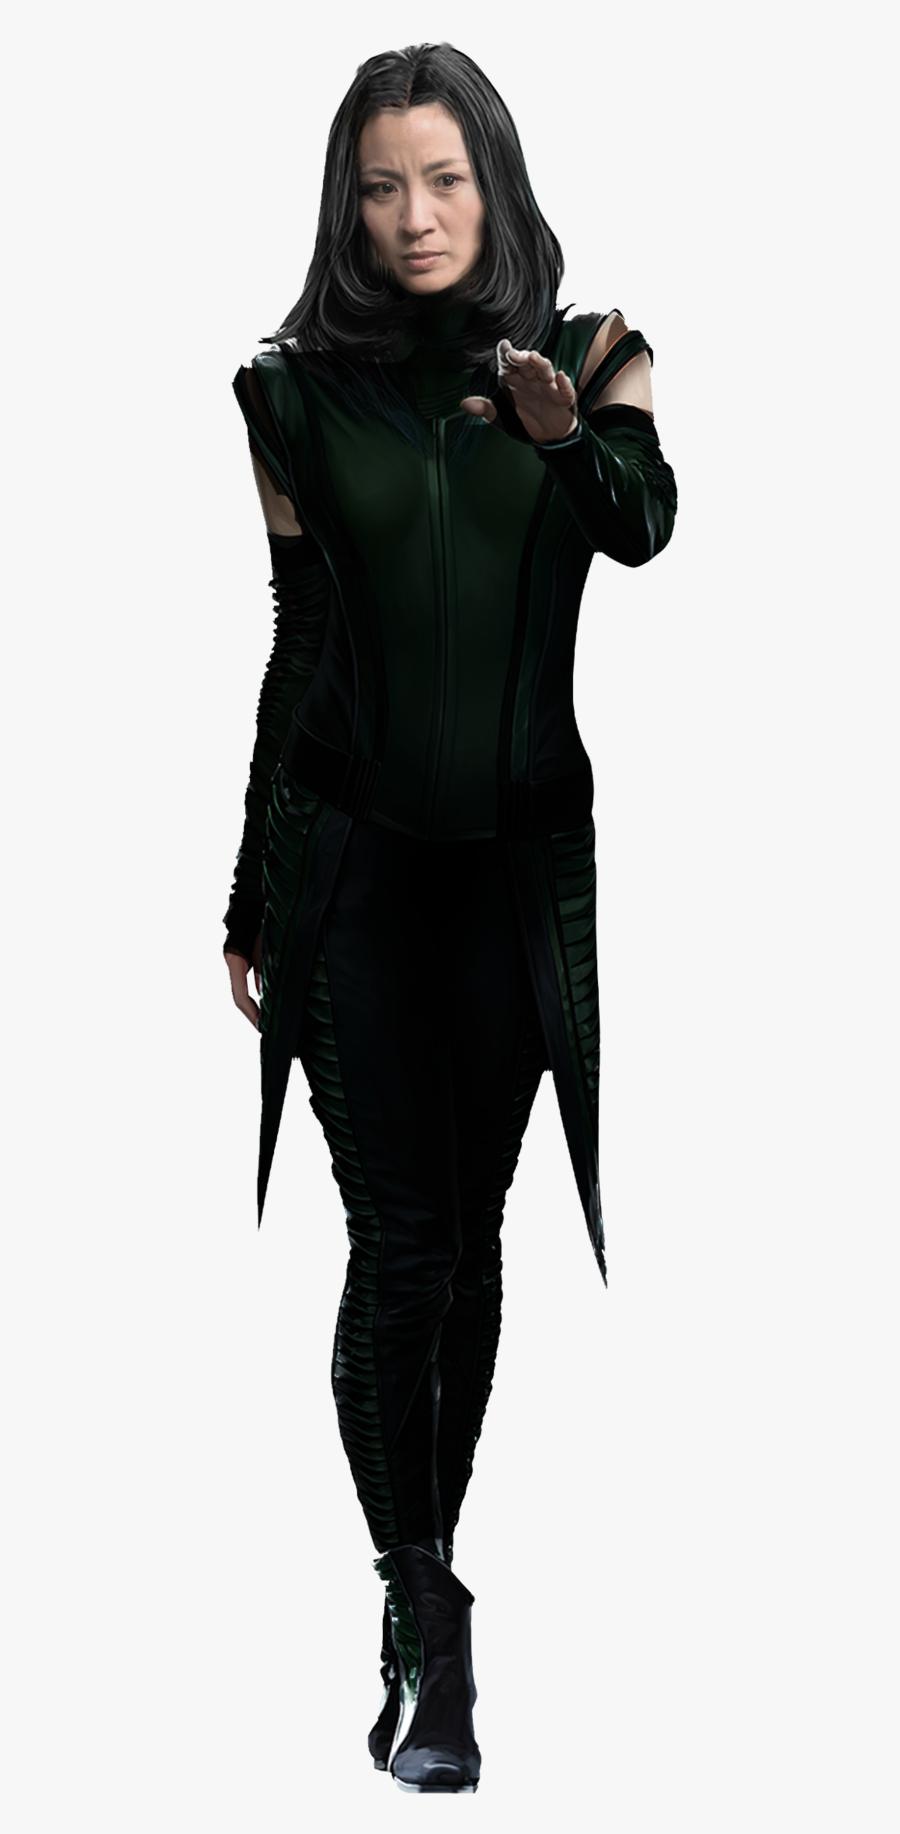 Clip Art Starhawk Vol Character Hb - Guardians Of The Galaxy Vol 2 Aleta Ogord, Transparent Clipart